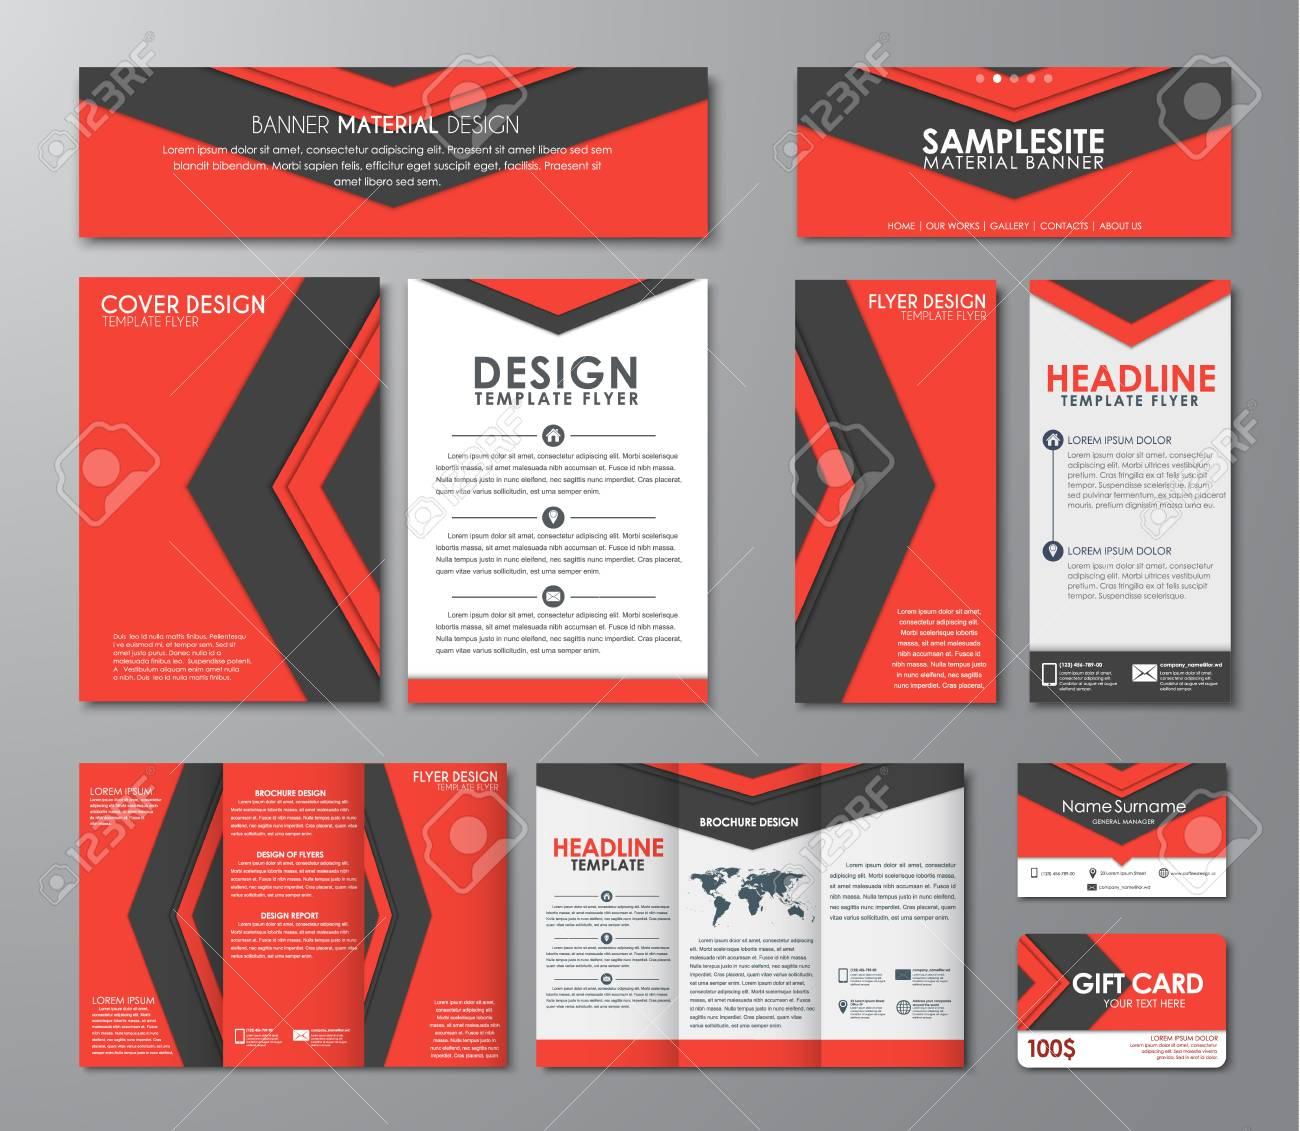 Carte Cadeau Entreprise.Identite D Entreprise Modele De Depliants Brochures Bannieres